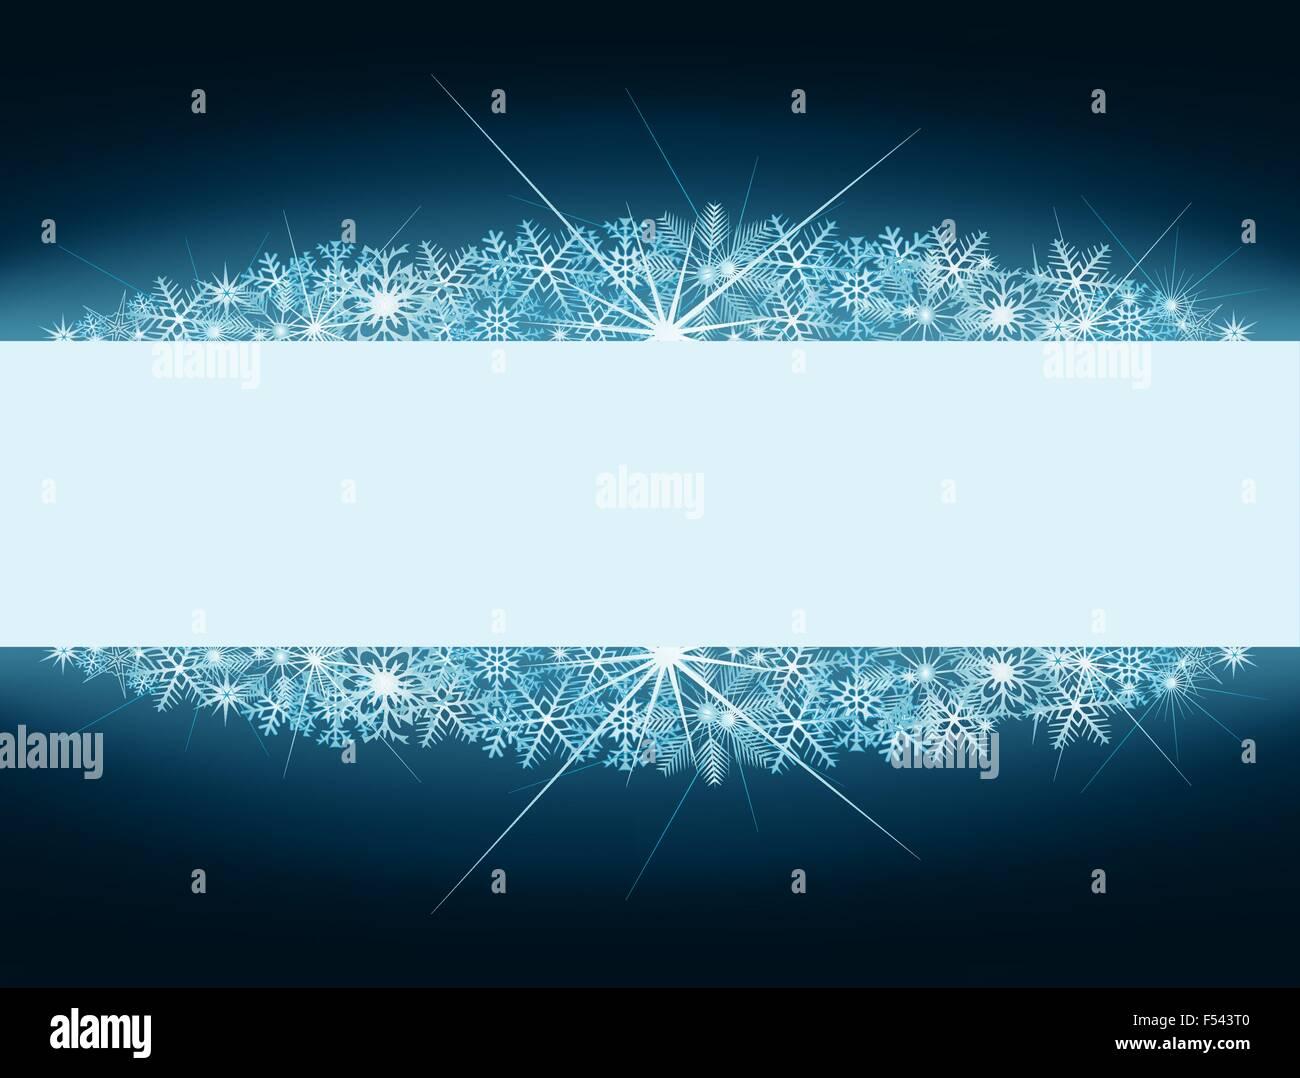 Winter Snow Banner | www.pixshark.com - Images Galleries ...